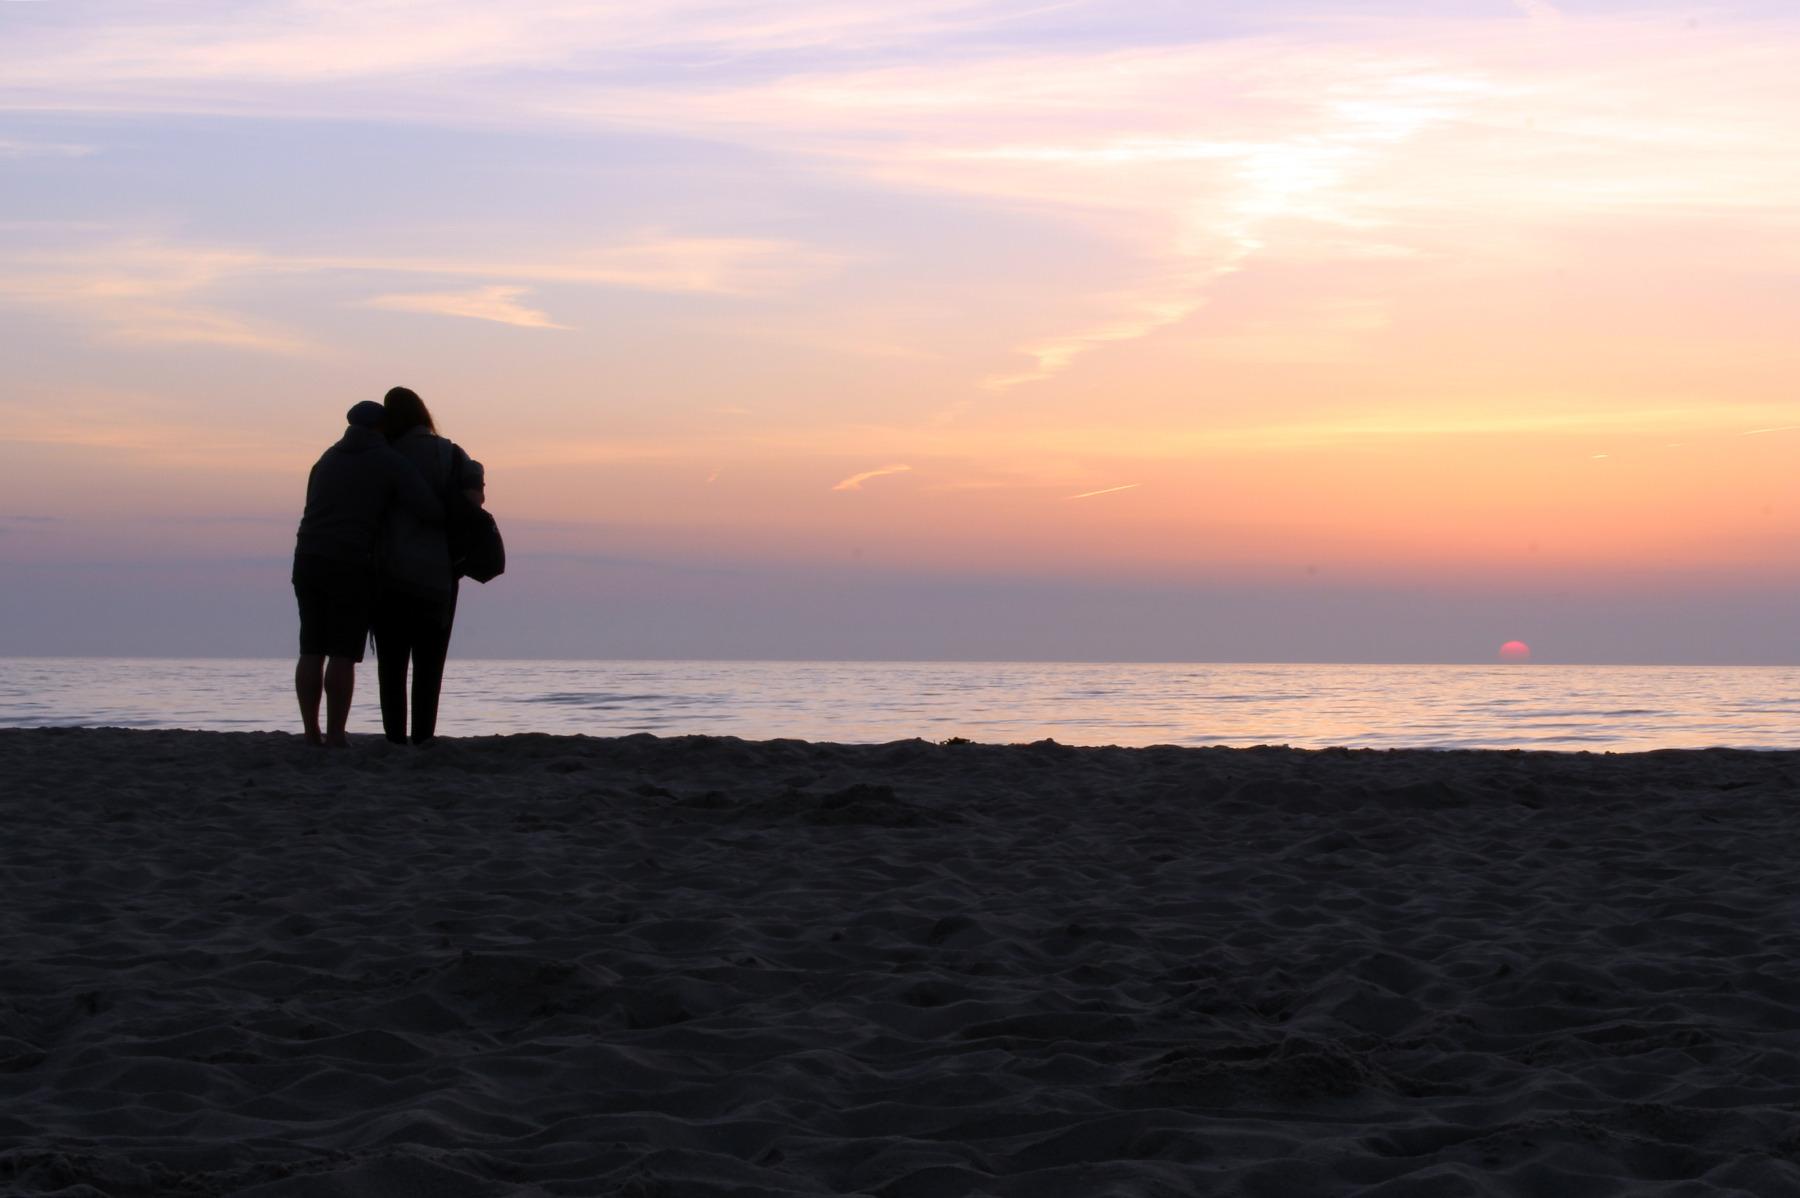 Paar_Sonnenuntergang_Meer_Liebe_Strand